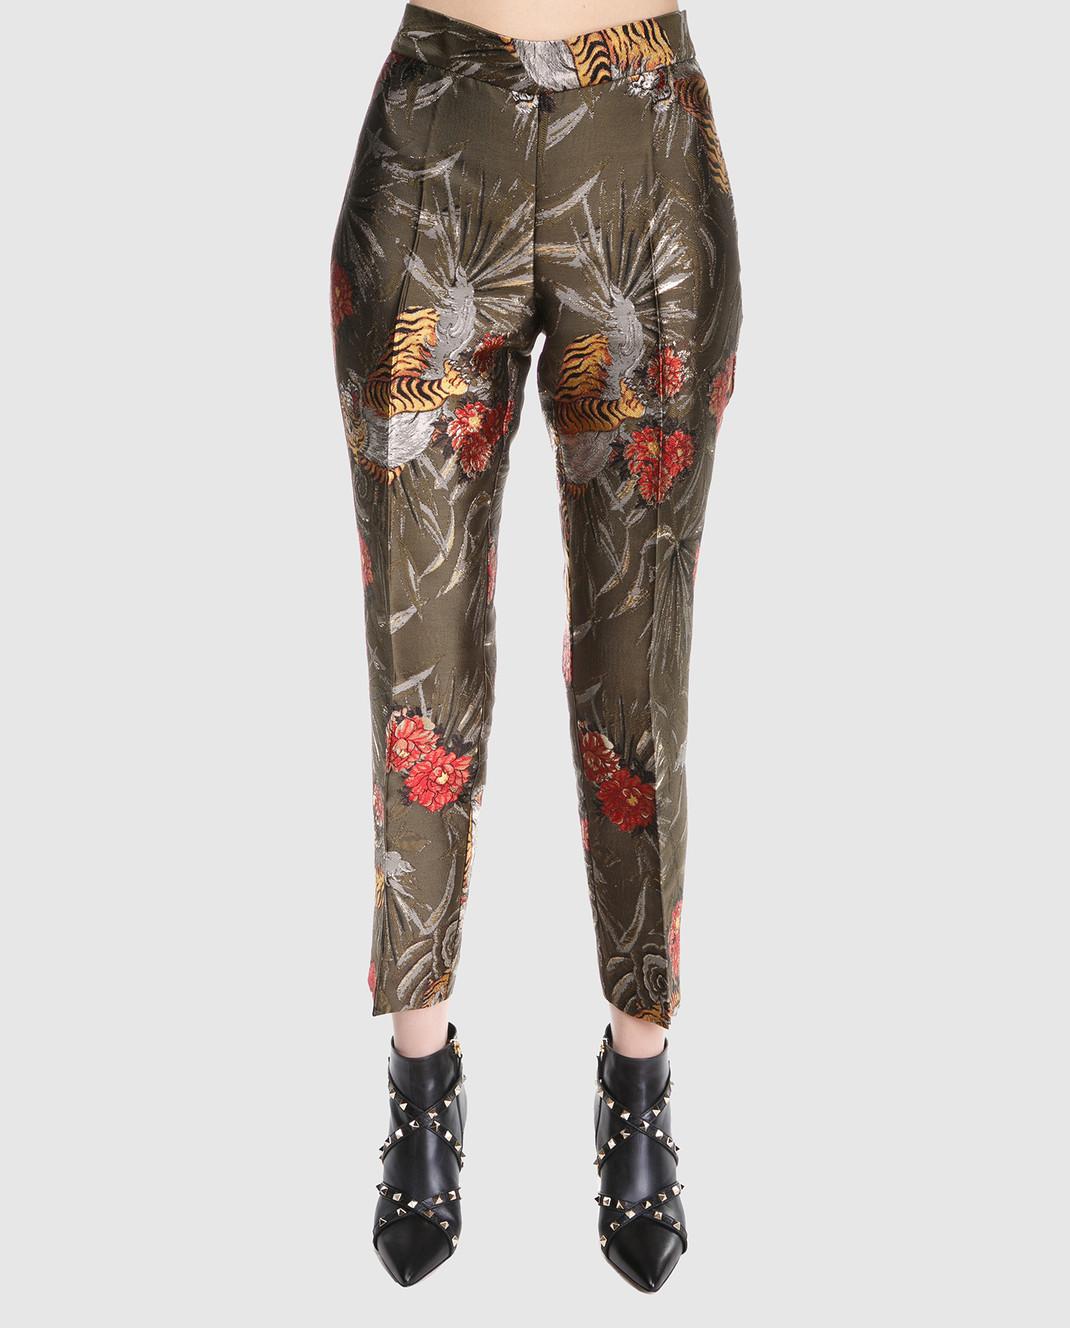 PAROSH Оливковые жаккардовые брюки D230049 изображение 3